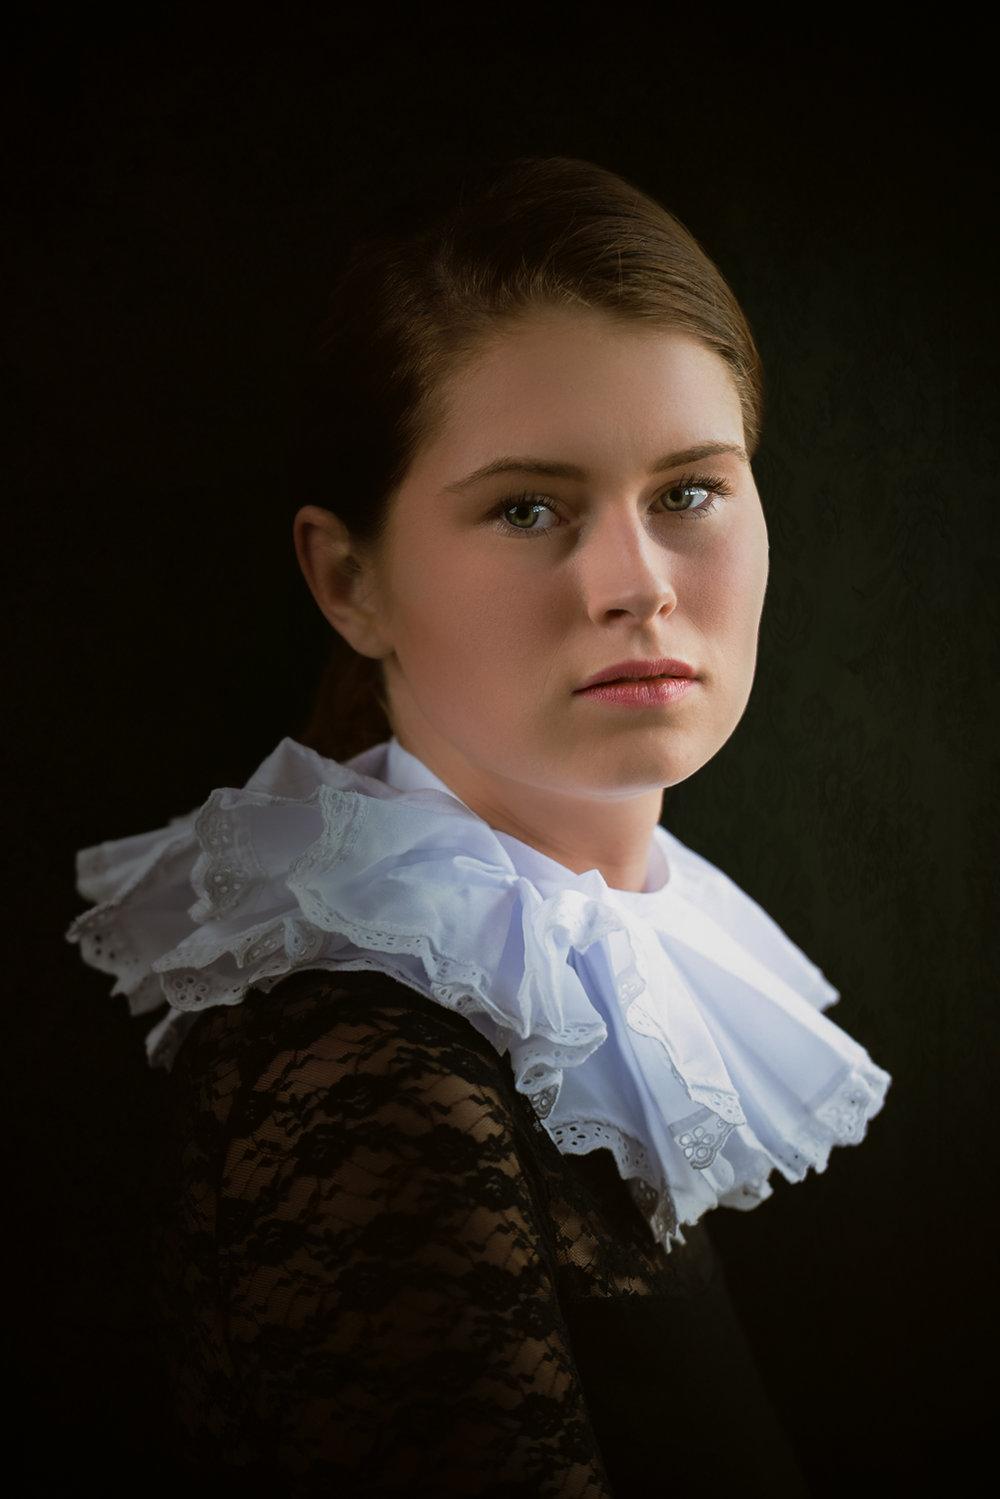 classic_portraits-3.jpg